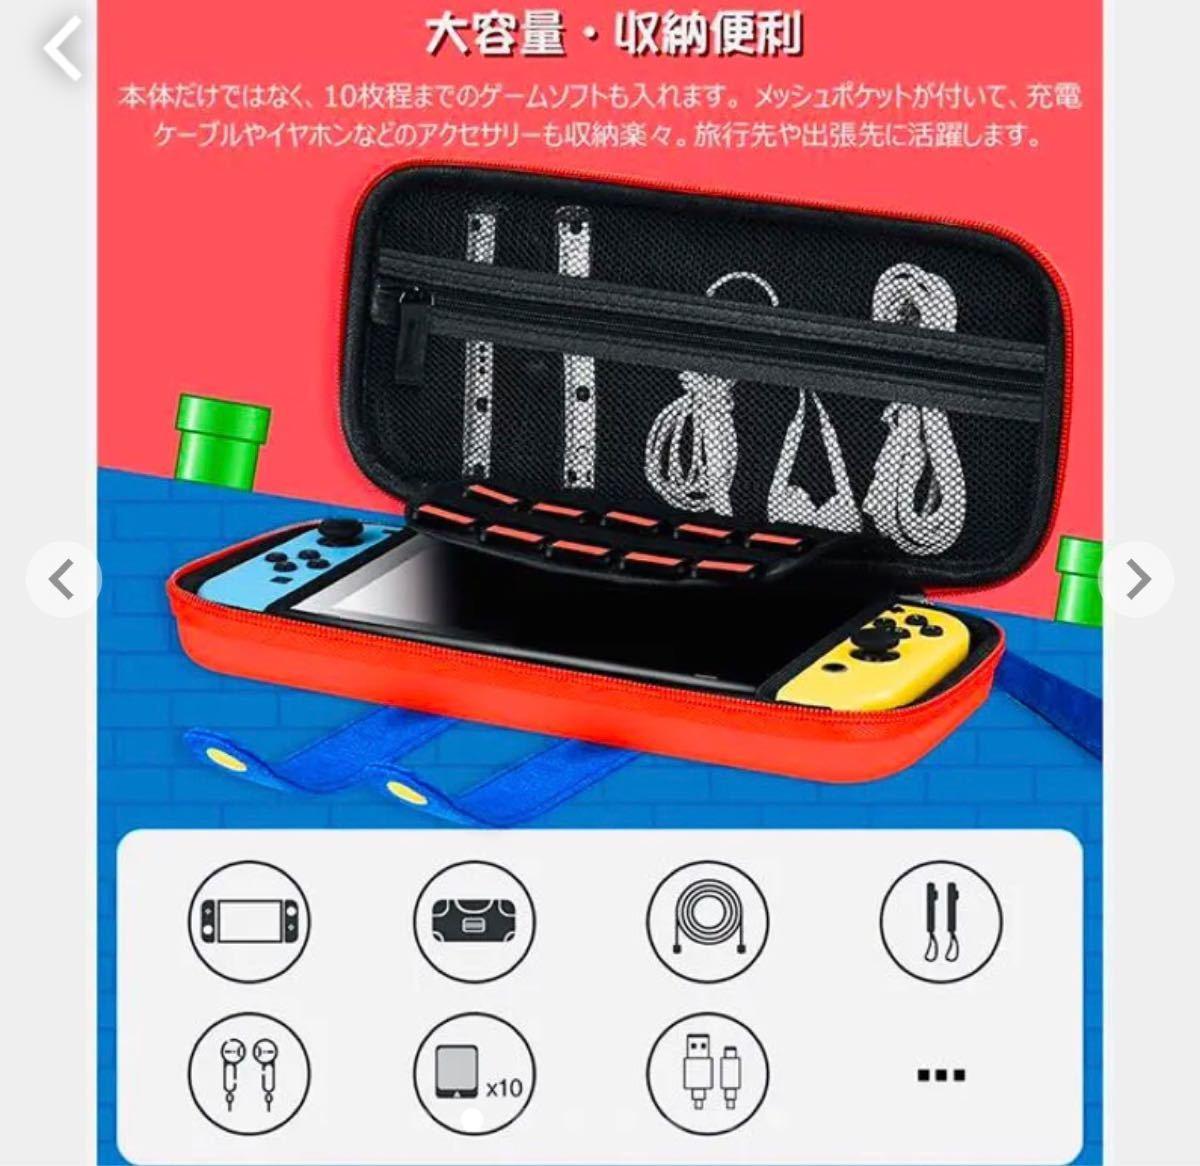 任天堂switch用 スイッチマリオケース 2020改善版 最新 防水